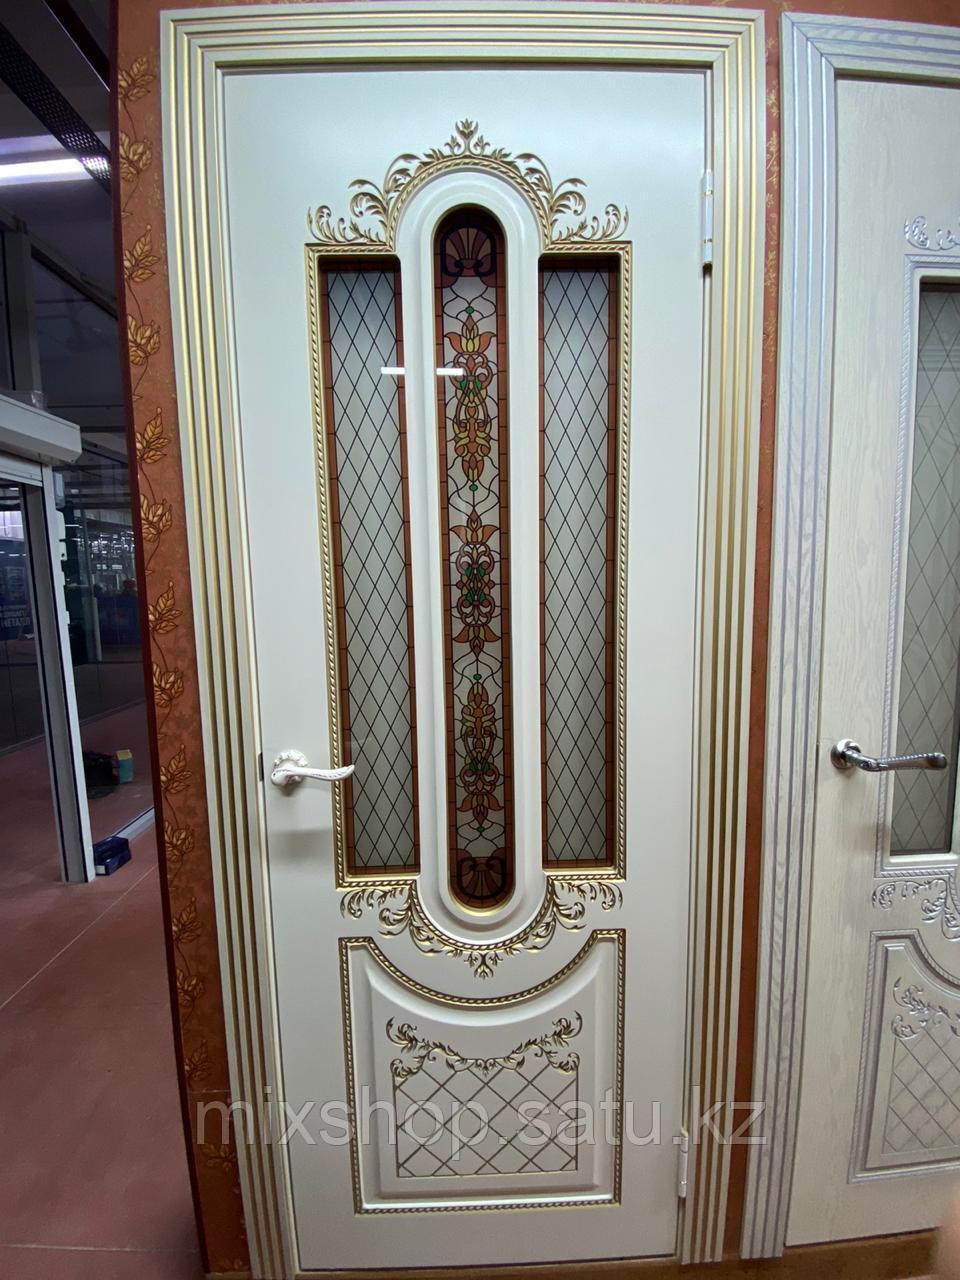 Межкомнатная дверь - Александрия (cлоновая кость) эмаль-золото